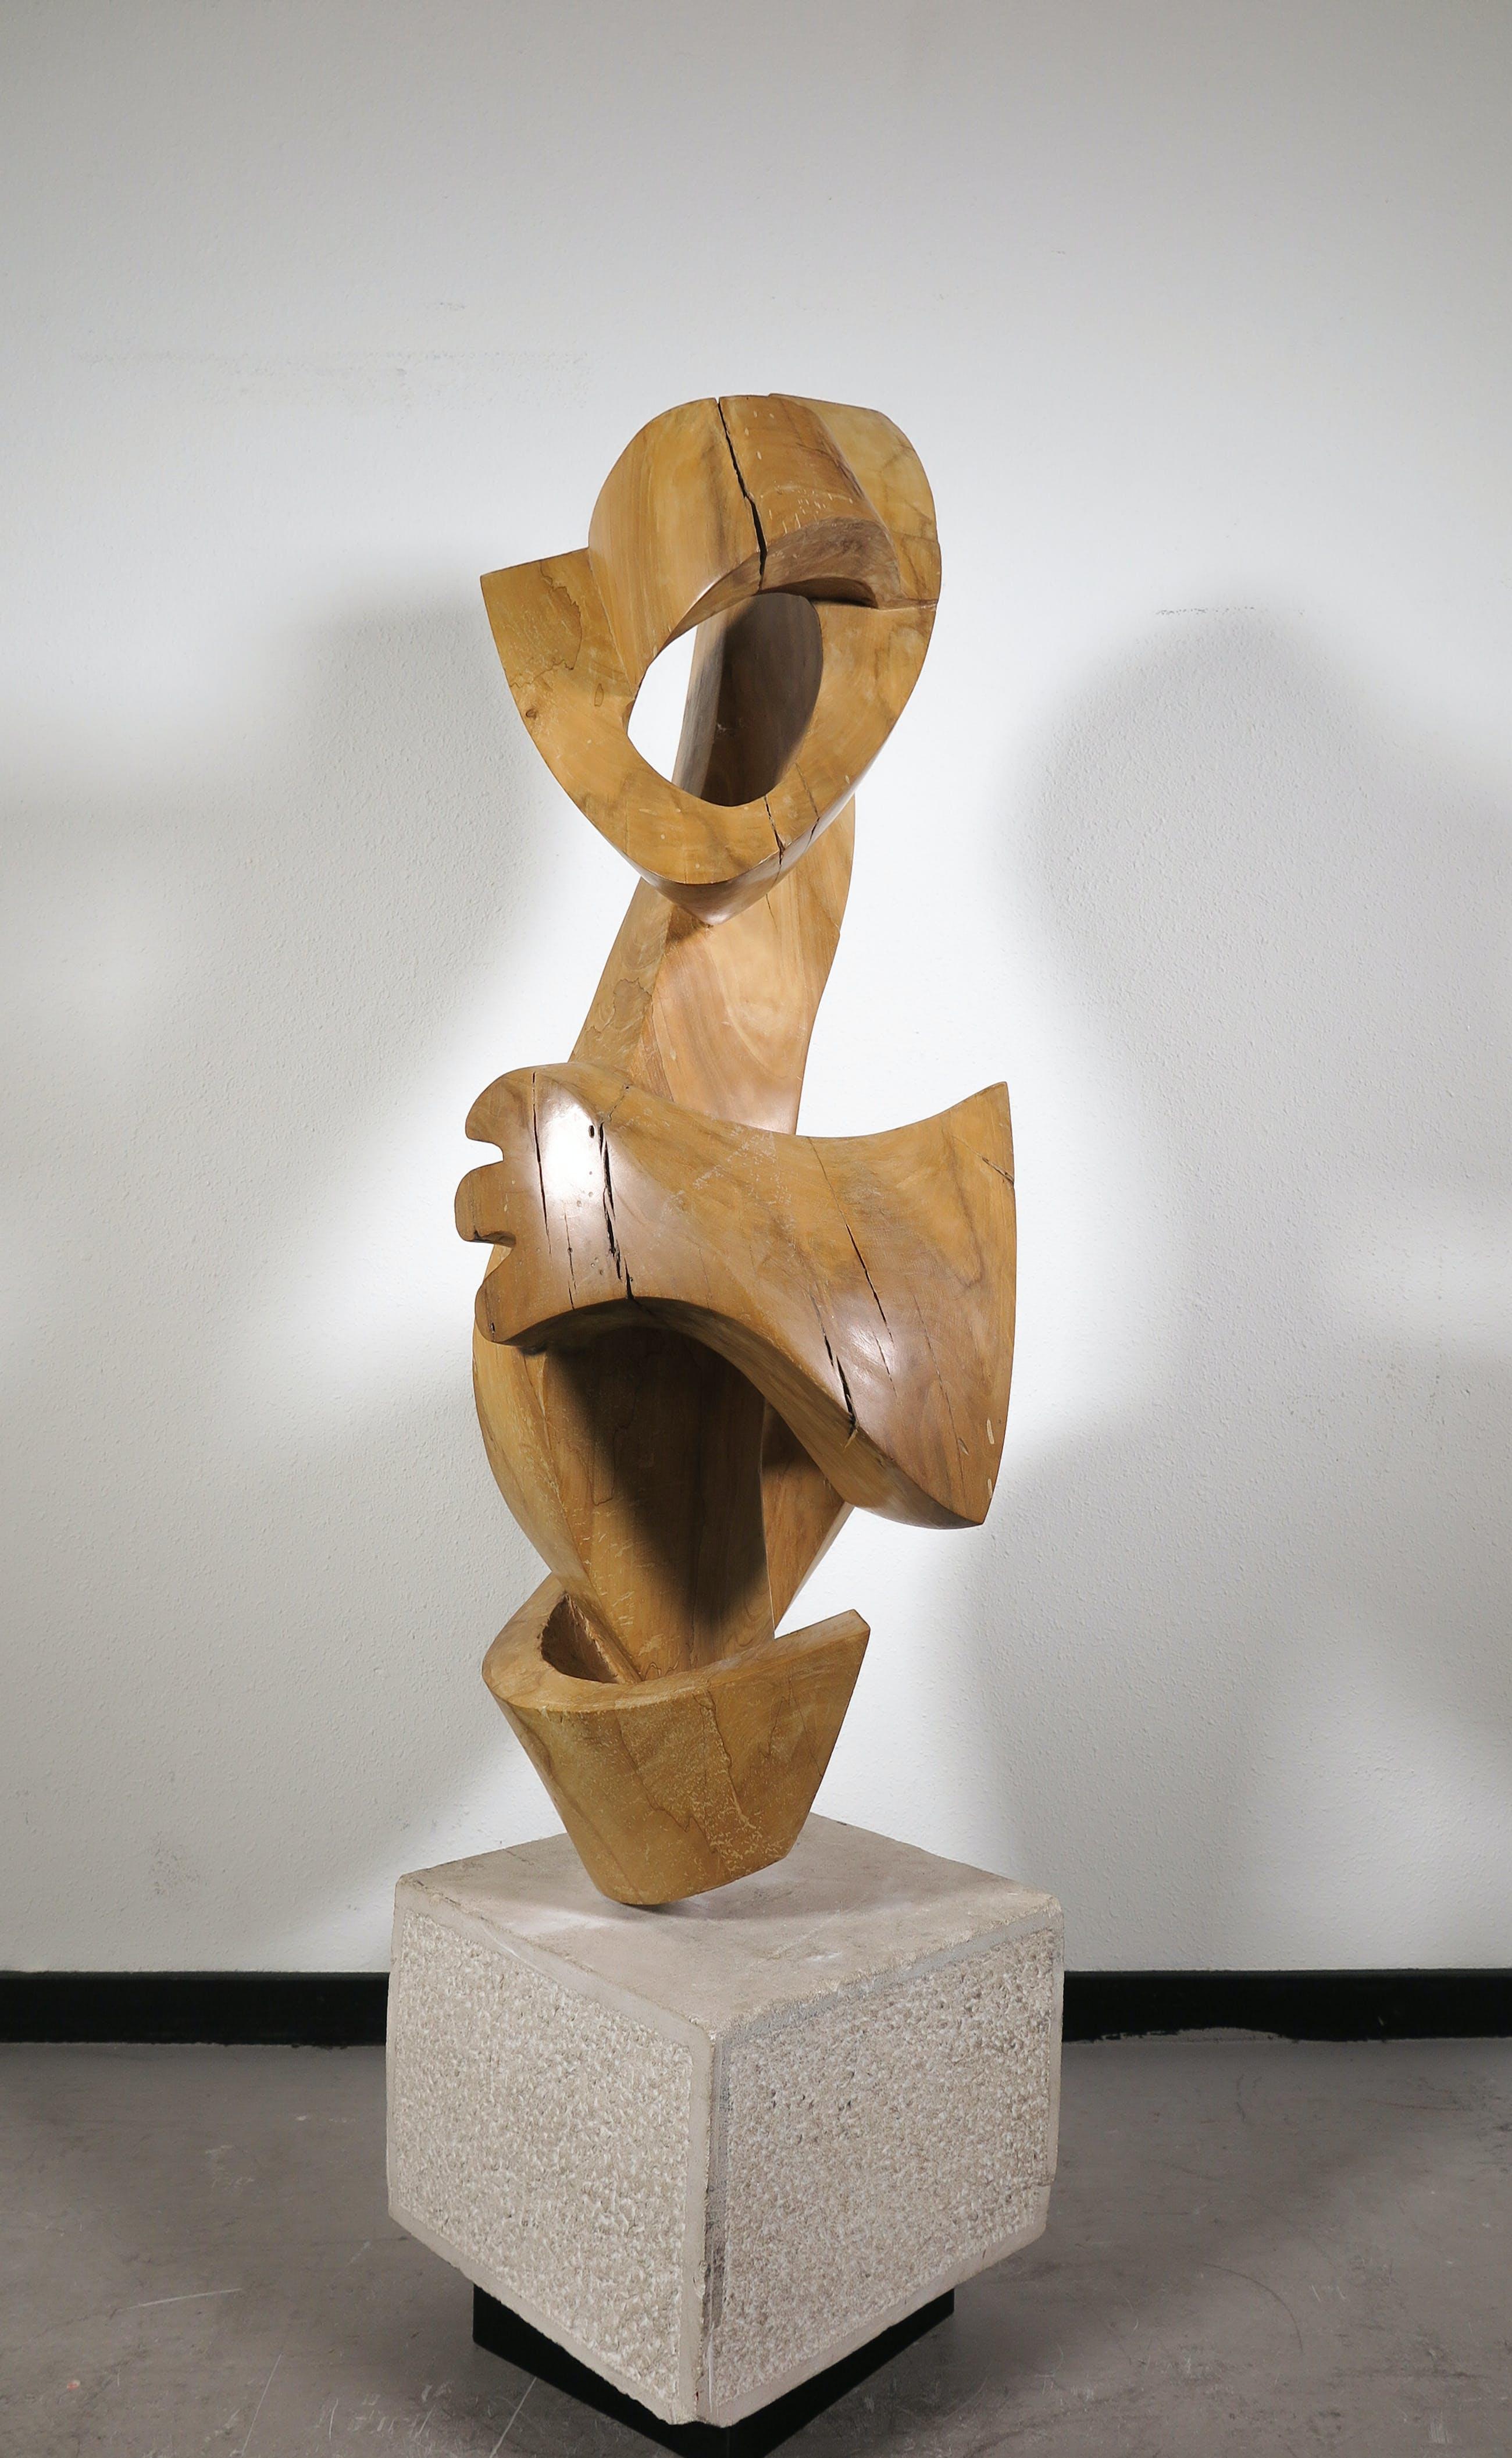 Niet of onleesbaar gesigneerd - Groot organisch gevormd houten sculptuur (Zwaar!) kopen? Bied vanaf 1!